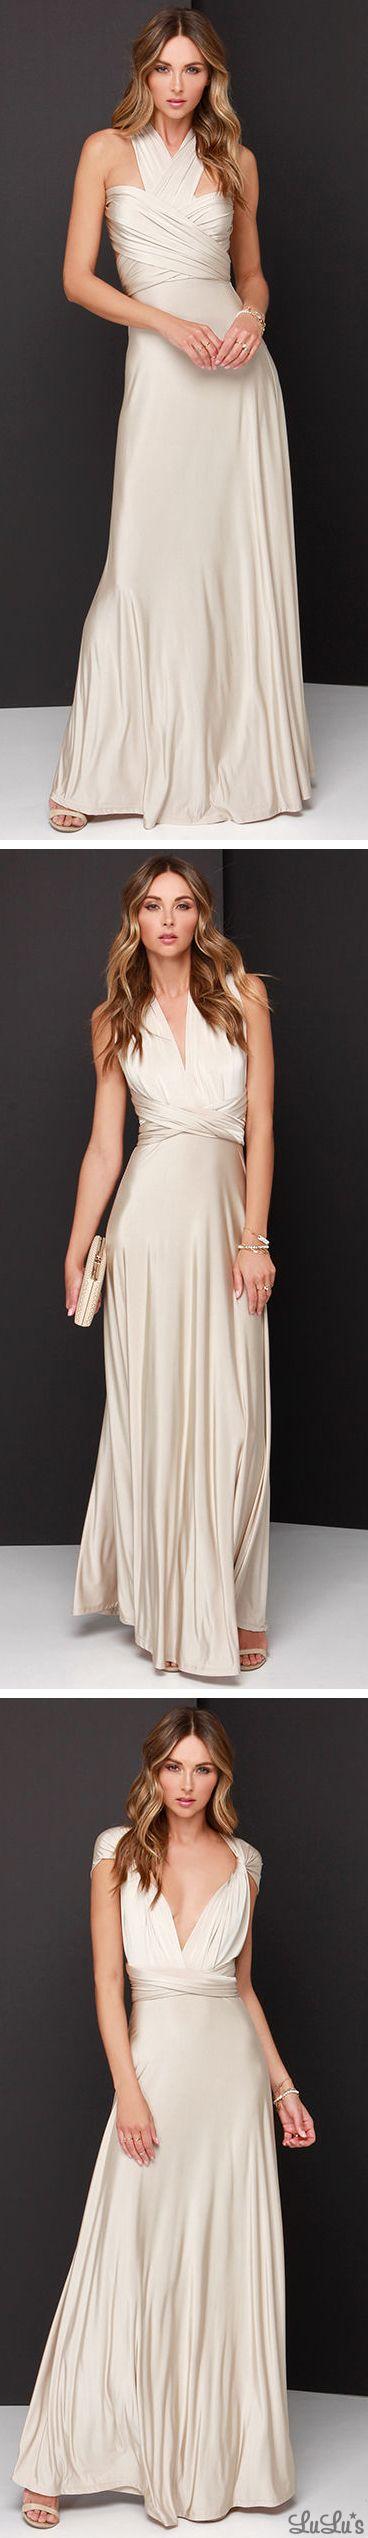 Always Stunning Convertible Beige Maxi Dress